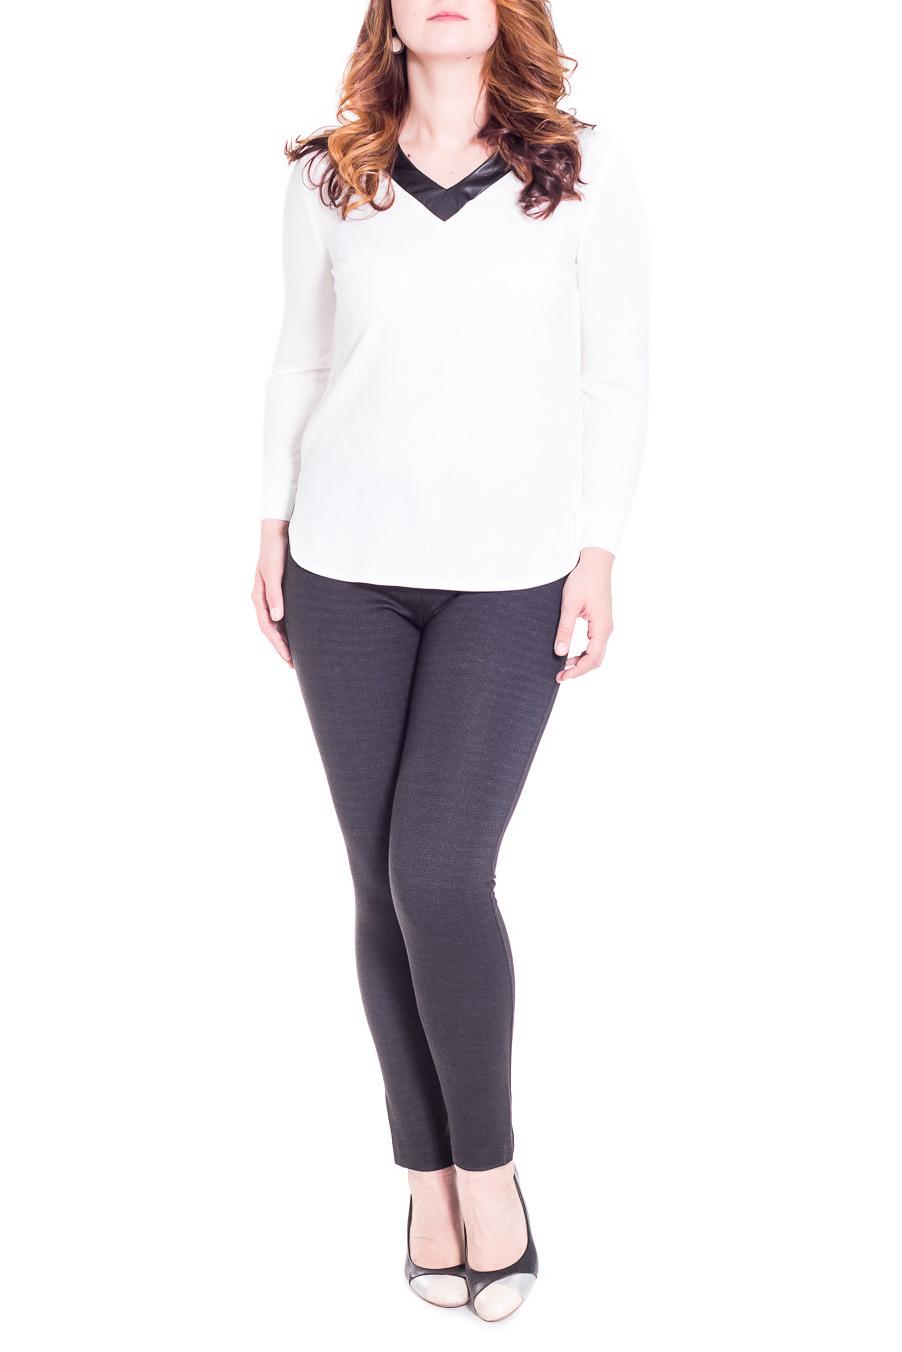 БлузкаБлузки<br>Классическая блузка прямого силуэта с закругленными разрезами по бокам. На спинке средний шов. Горловина обработана двойной обтачкой из кожи. Рукав втачной, длинный, с притачной манжетой с застежкой на пуговицу. Цвет: белый, черный (кожа).  Длина рукава - 60 ± 1 см  Рост девушки-фотомодели 180 см  Длина изделия - 60 ± 2 см<br><br>Горловина: V- горловина<br>По материалу: Блузочная ткань,Тканевые<br>По рисунку: Однотонные<br>По сезону: Весна,Зима,Осень<br>По силуэту: Прямые<br>По стилю: Классический стиль,Кэжуал,Офисный стиль,Повседневный стиль<br>По элементам: С вырезом,С декором,С кожаными вставками,С манжетами,С подкладом<br>Рукав: Длинный рукав<br>Размер : 46,48,50,52,54<br>Материал: Плательно-блузочная ткань<br>Количество в наличии: 16